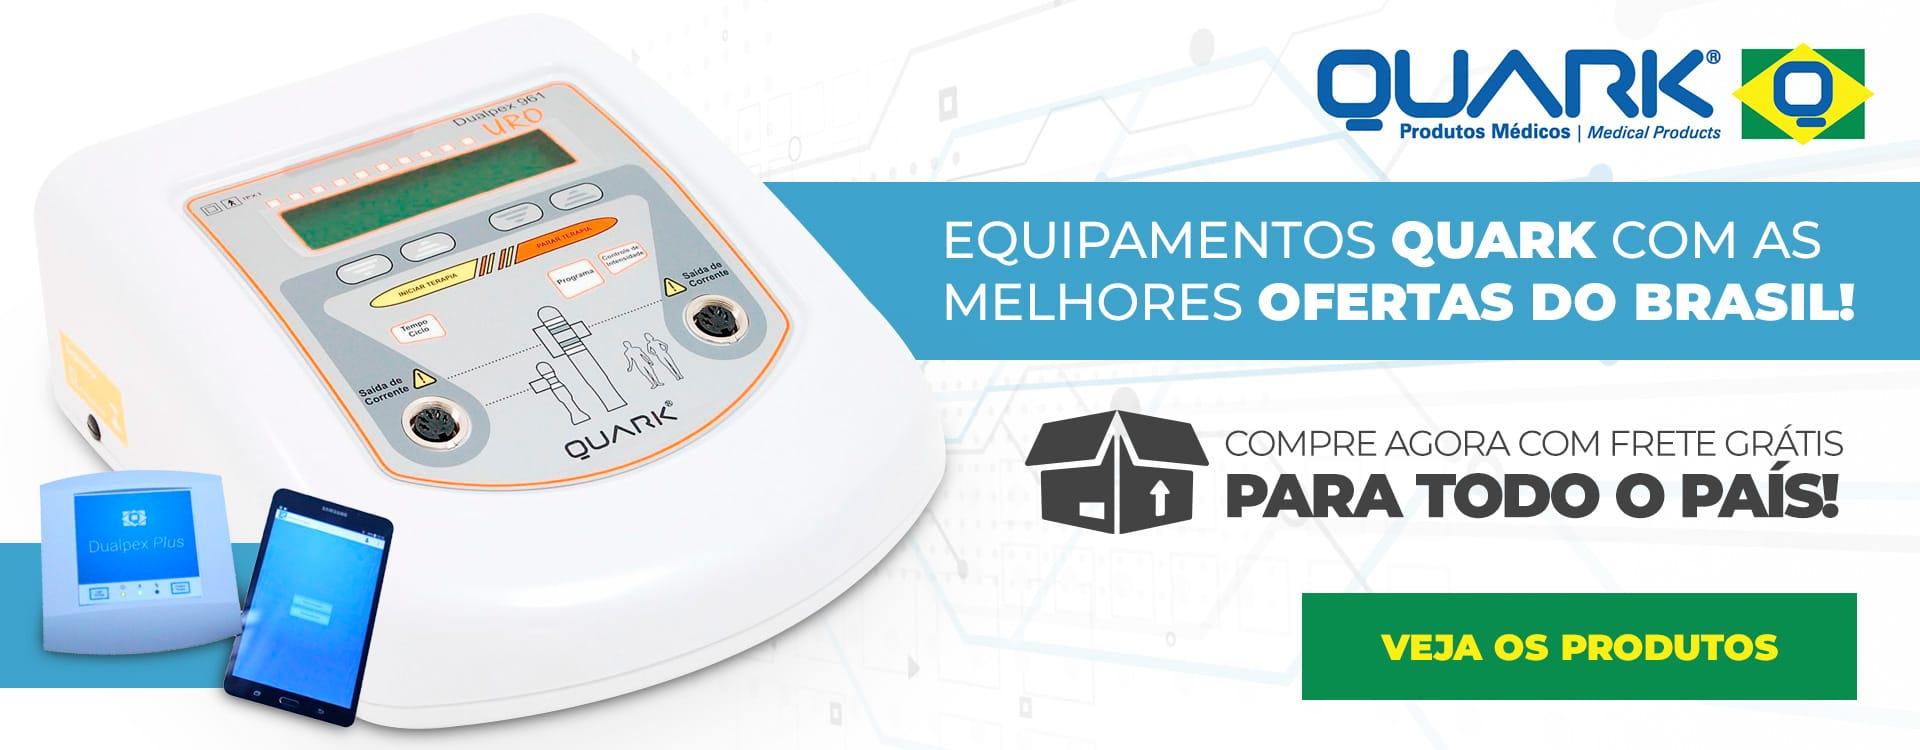 Produtos Quark com as Melhores ofertas do Brasil